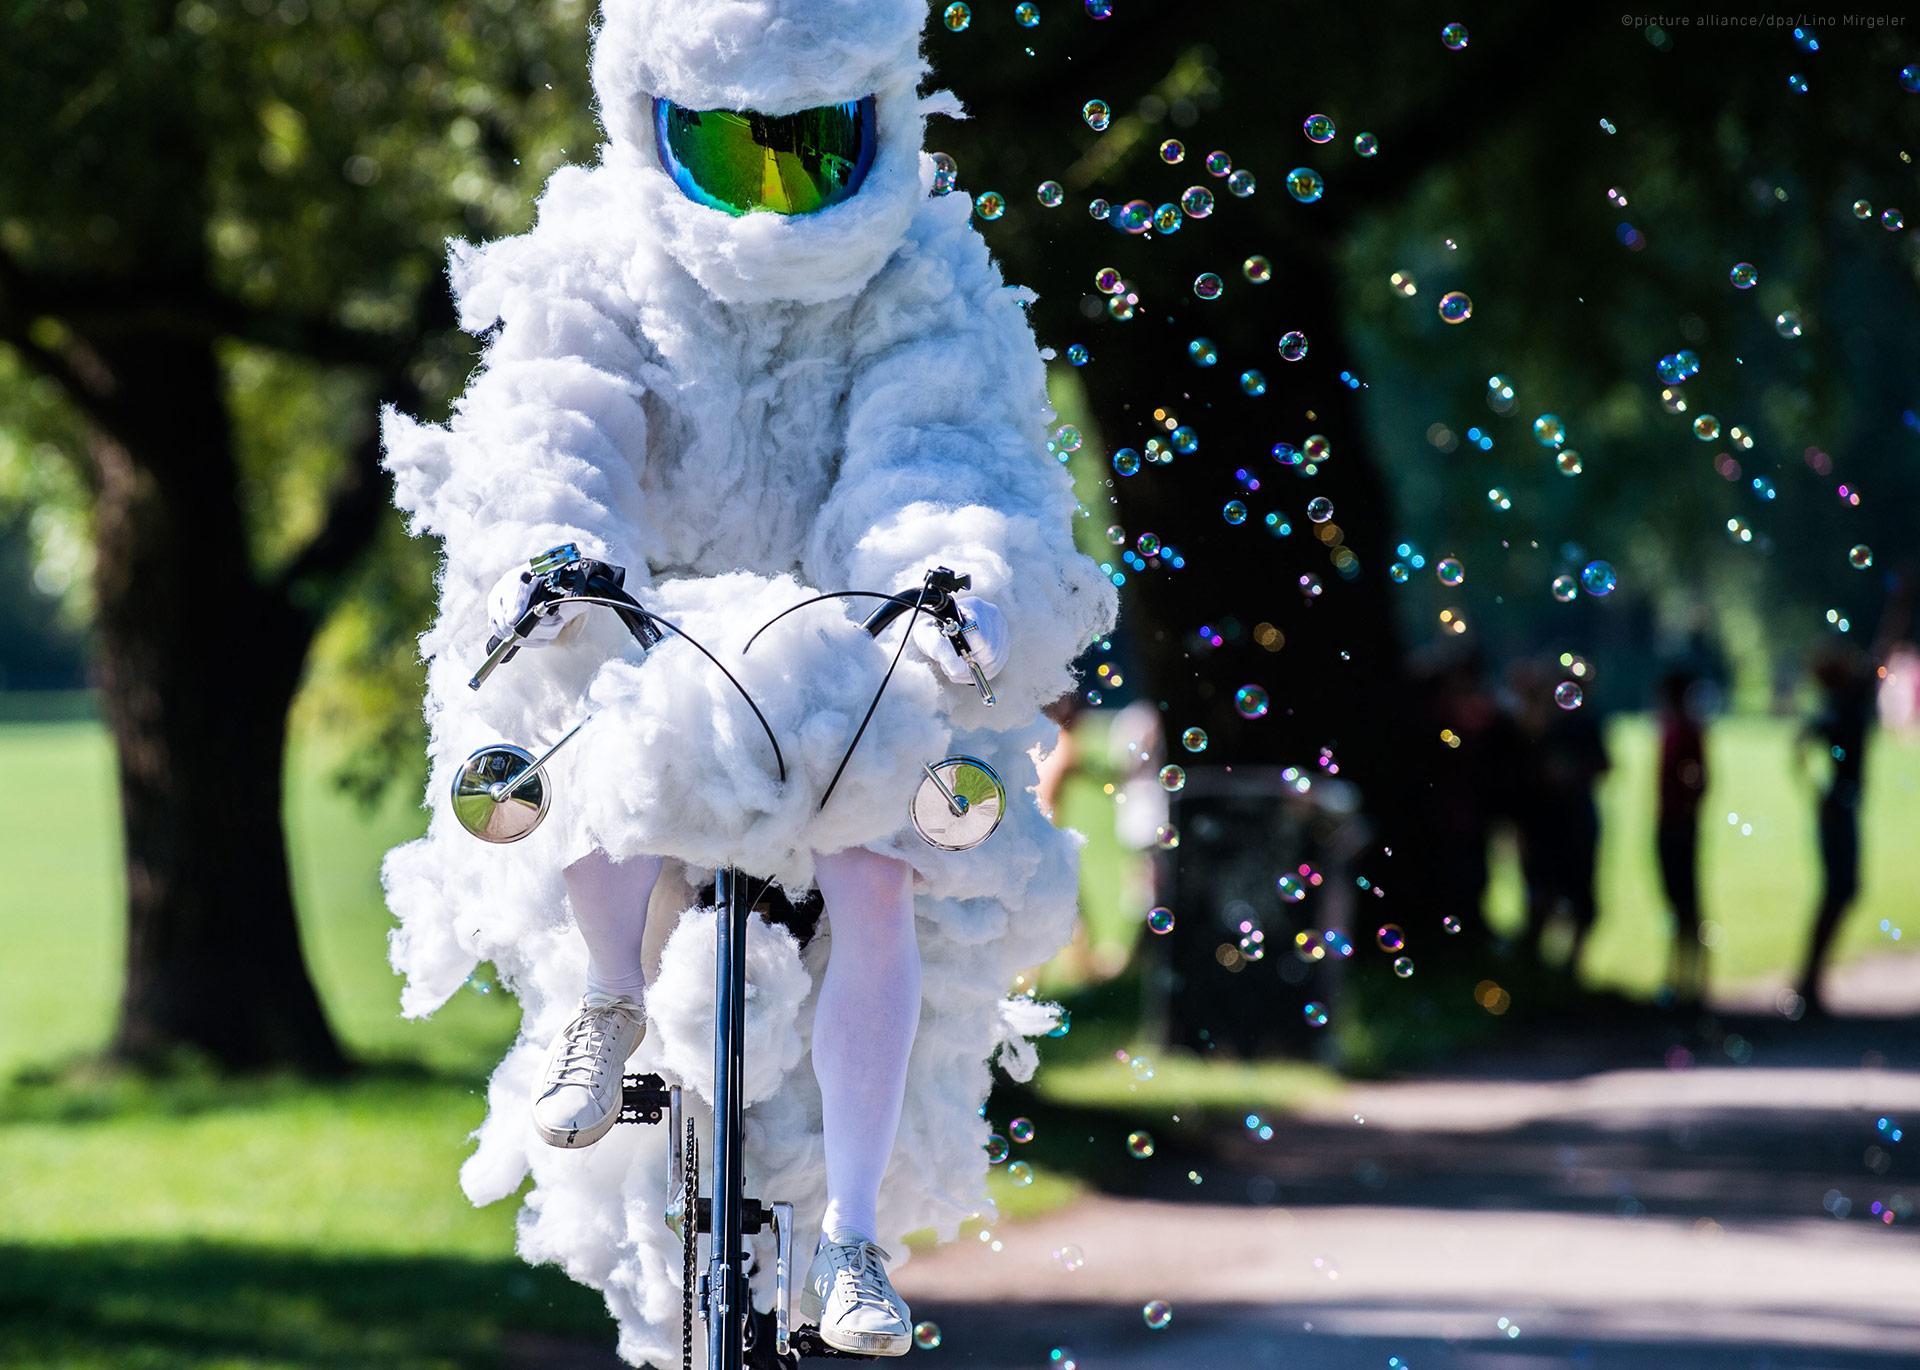 air-pollution-wolkenradler-cycling-cloud-cyclist-luftverschmutzung-soap-bubbles-106903106